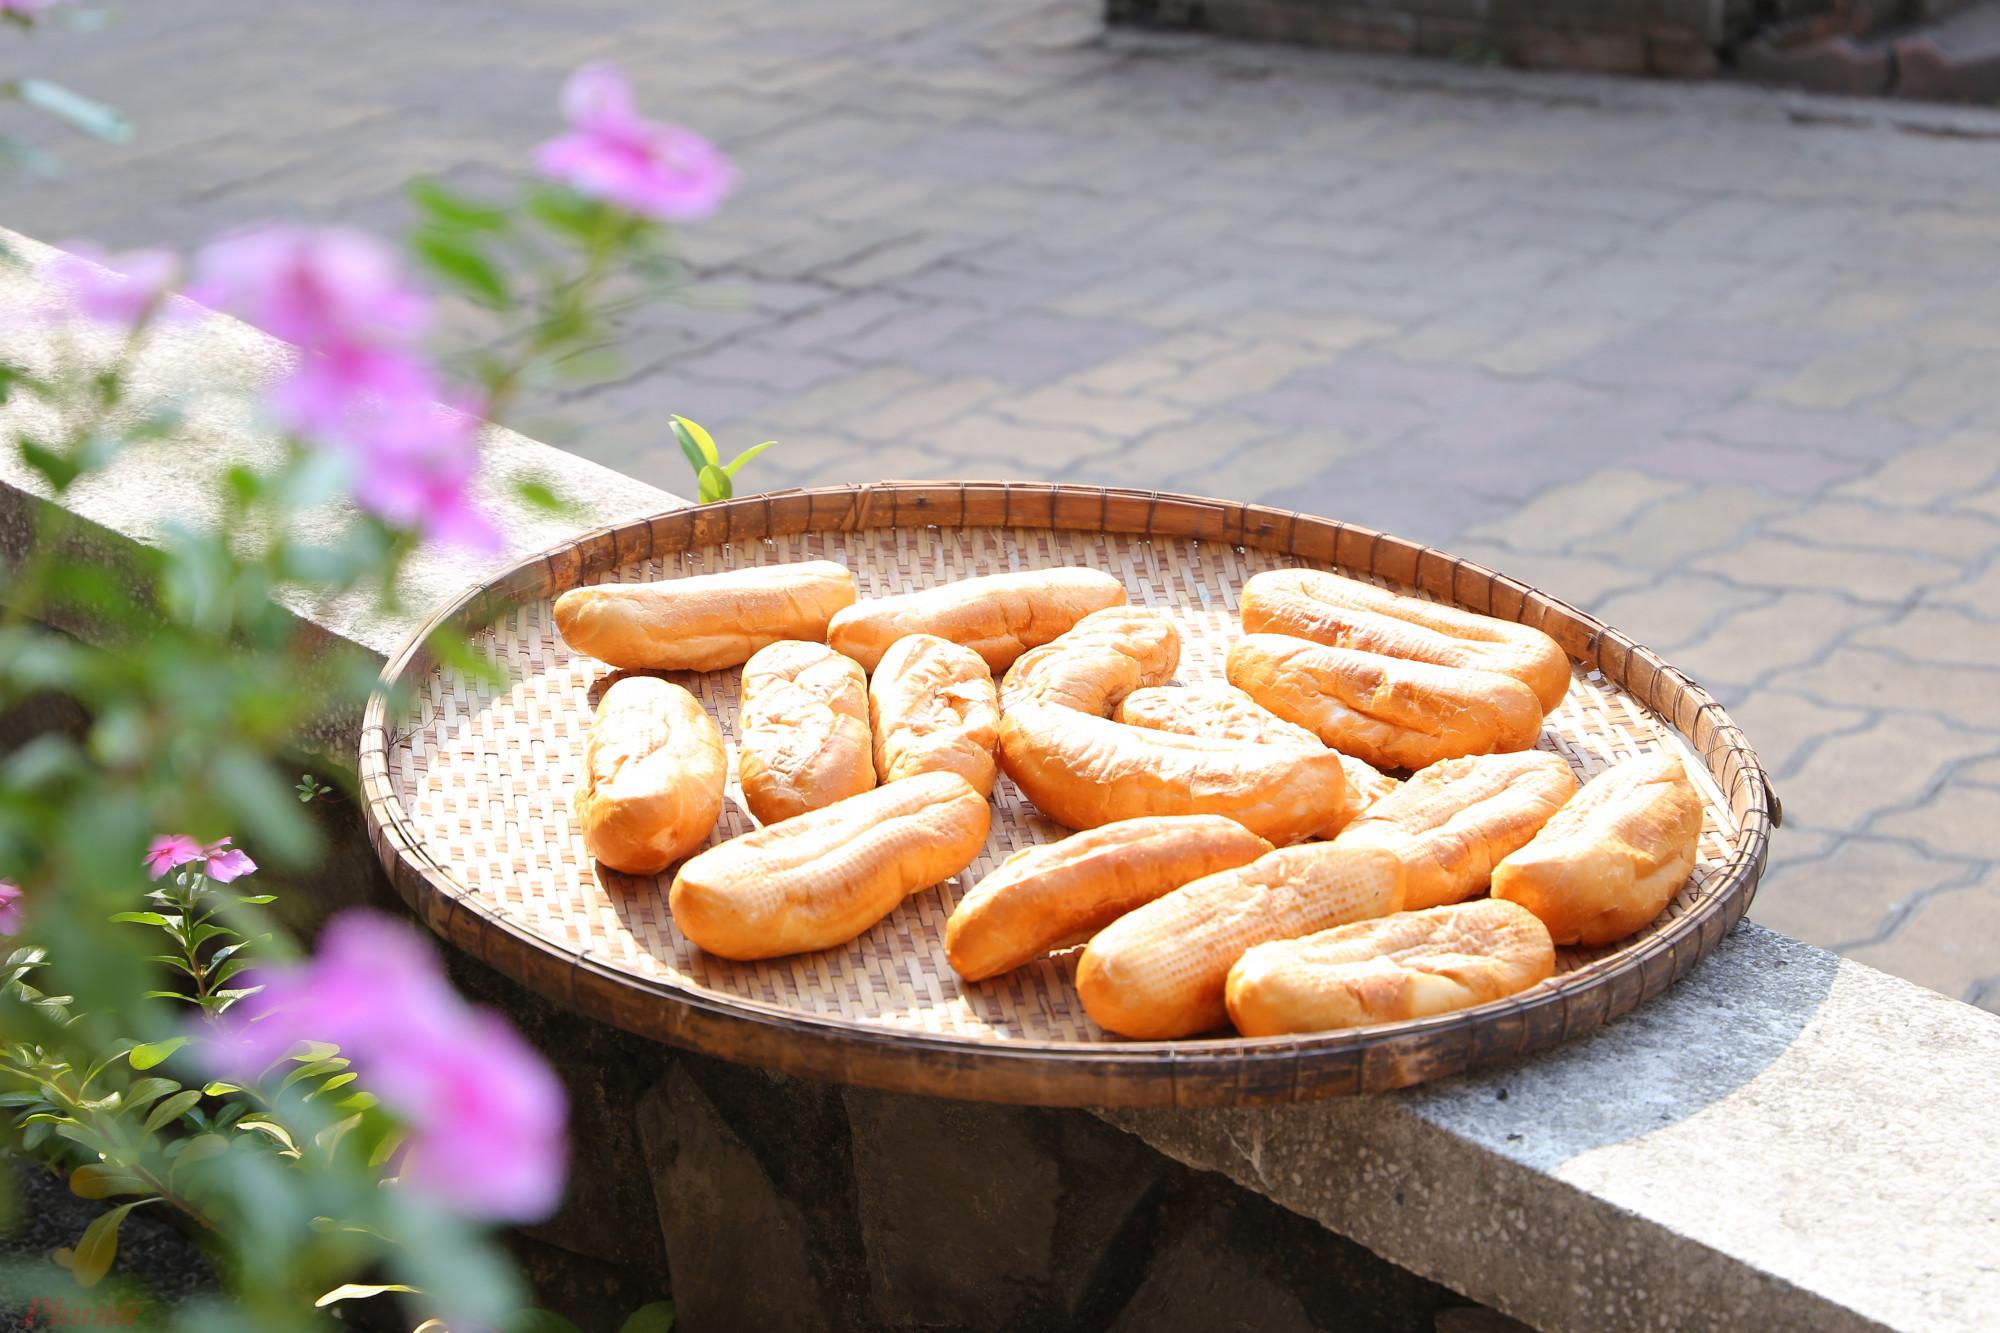 Những chiếc bánh mì còn sót lại sau bữa ăn được đem phơi để dành cho một lần ăn khác